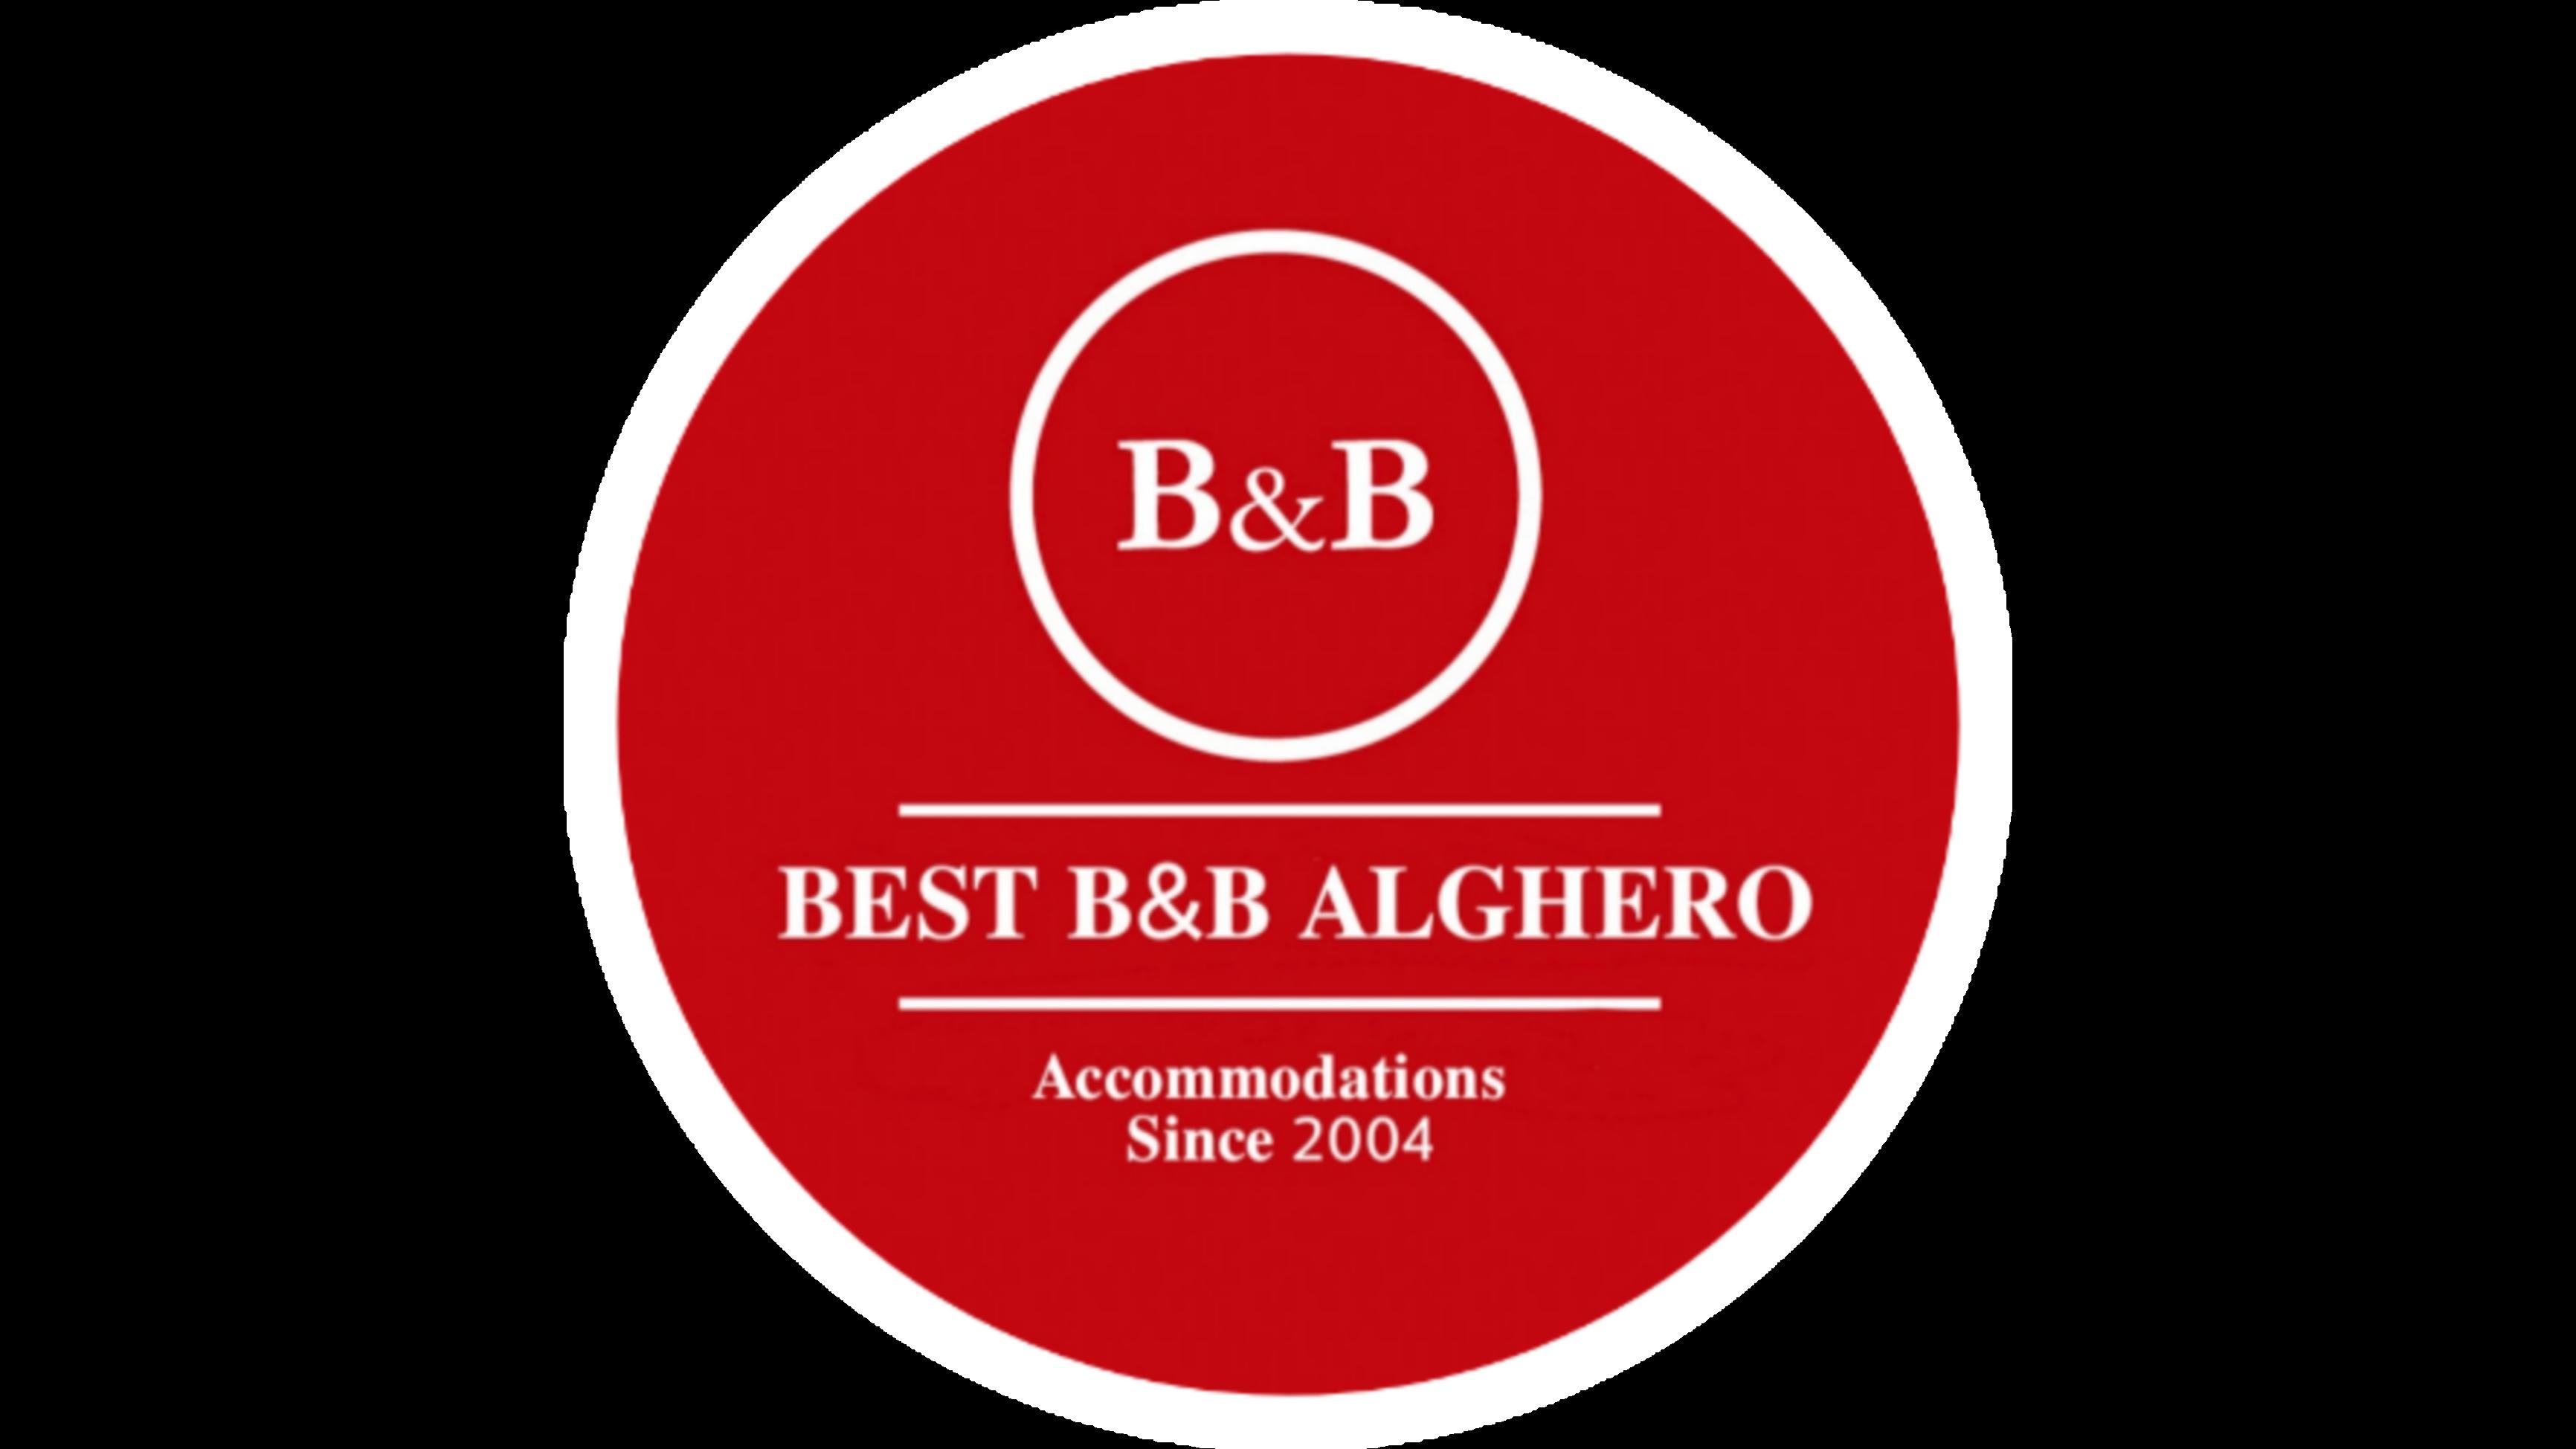 Best B&B Alghero